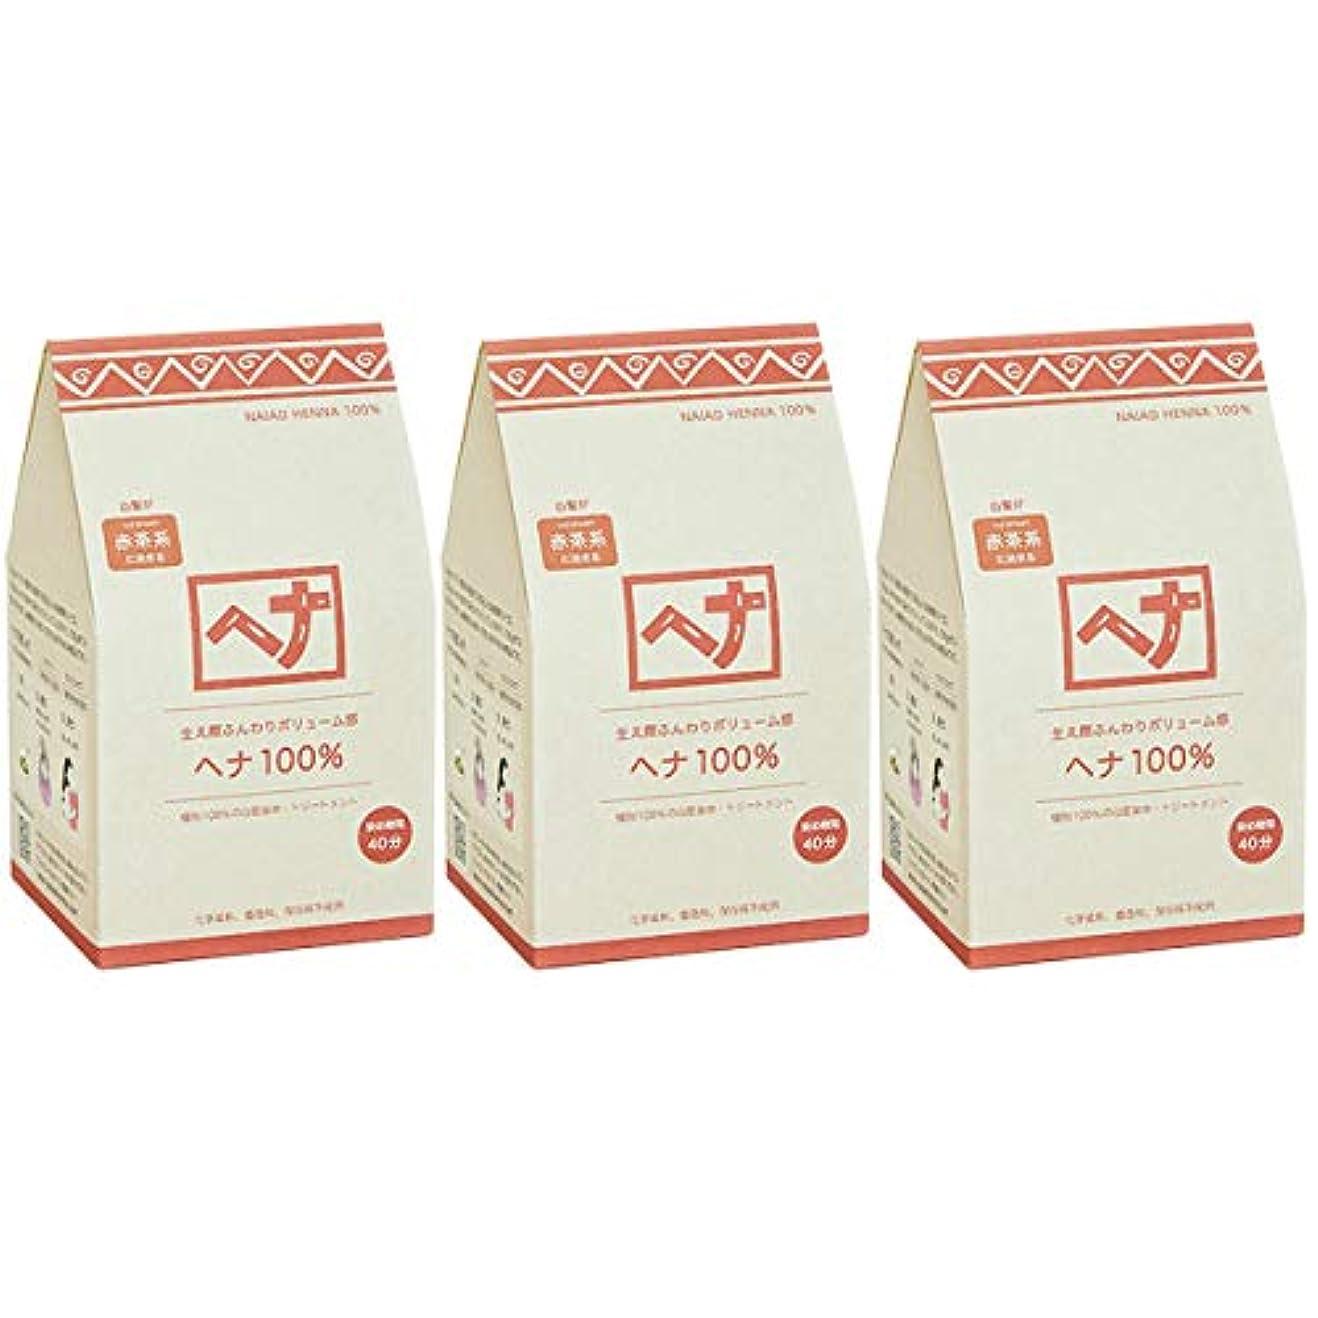 効率不調和壁紙ナイアード ヘナ 100% 赤茶系 生え際ふんわりボリューム感 400g 3個セット